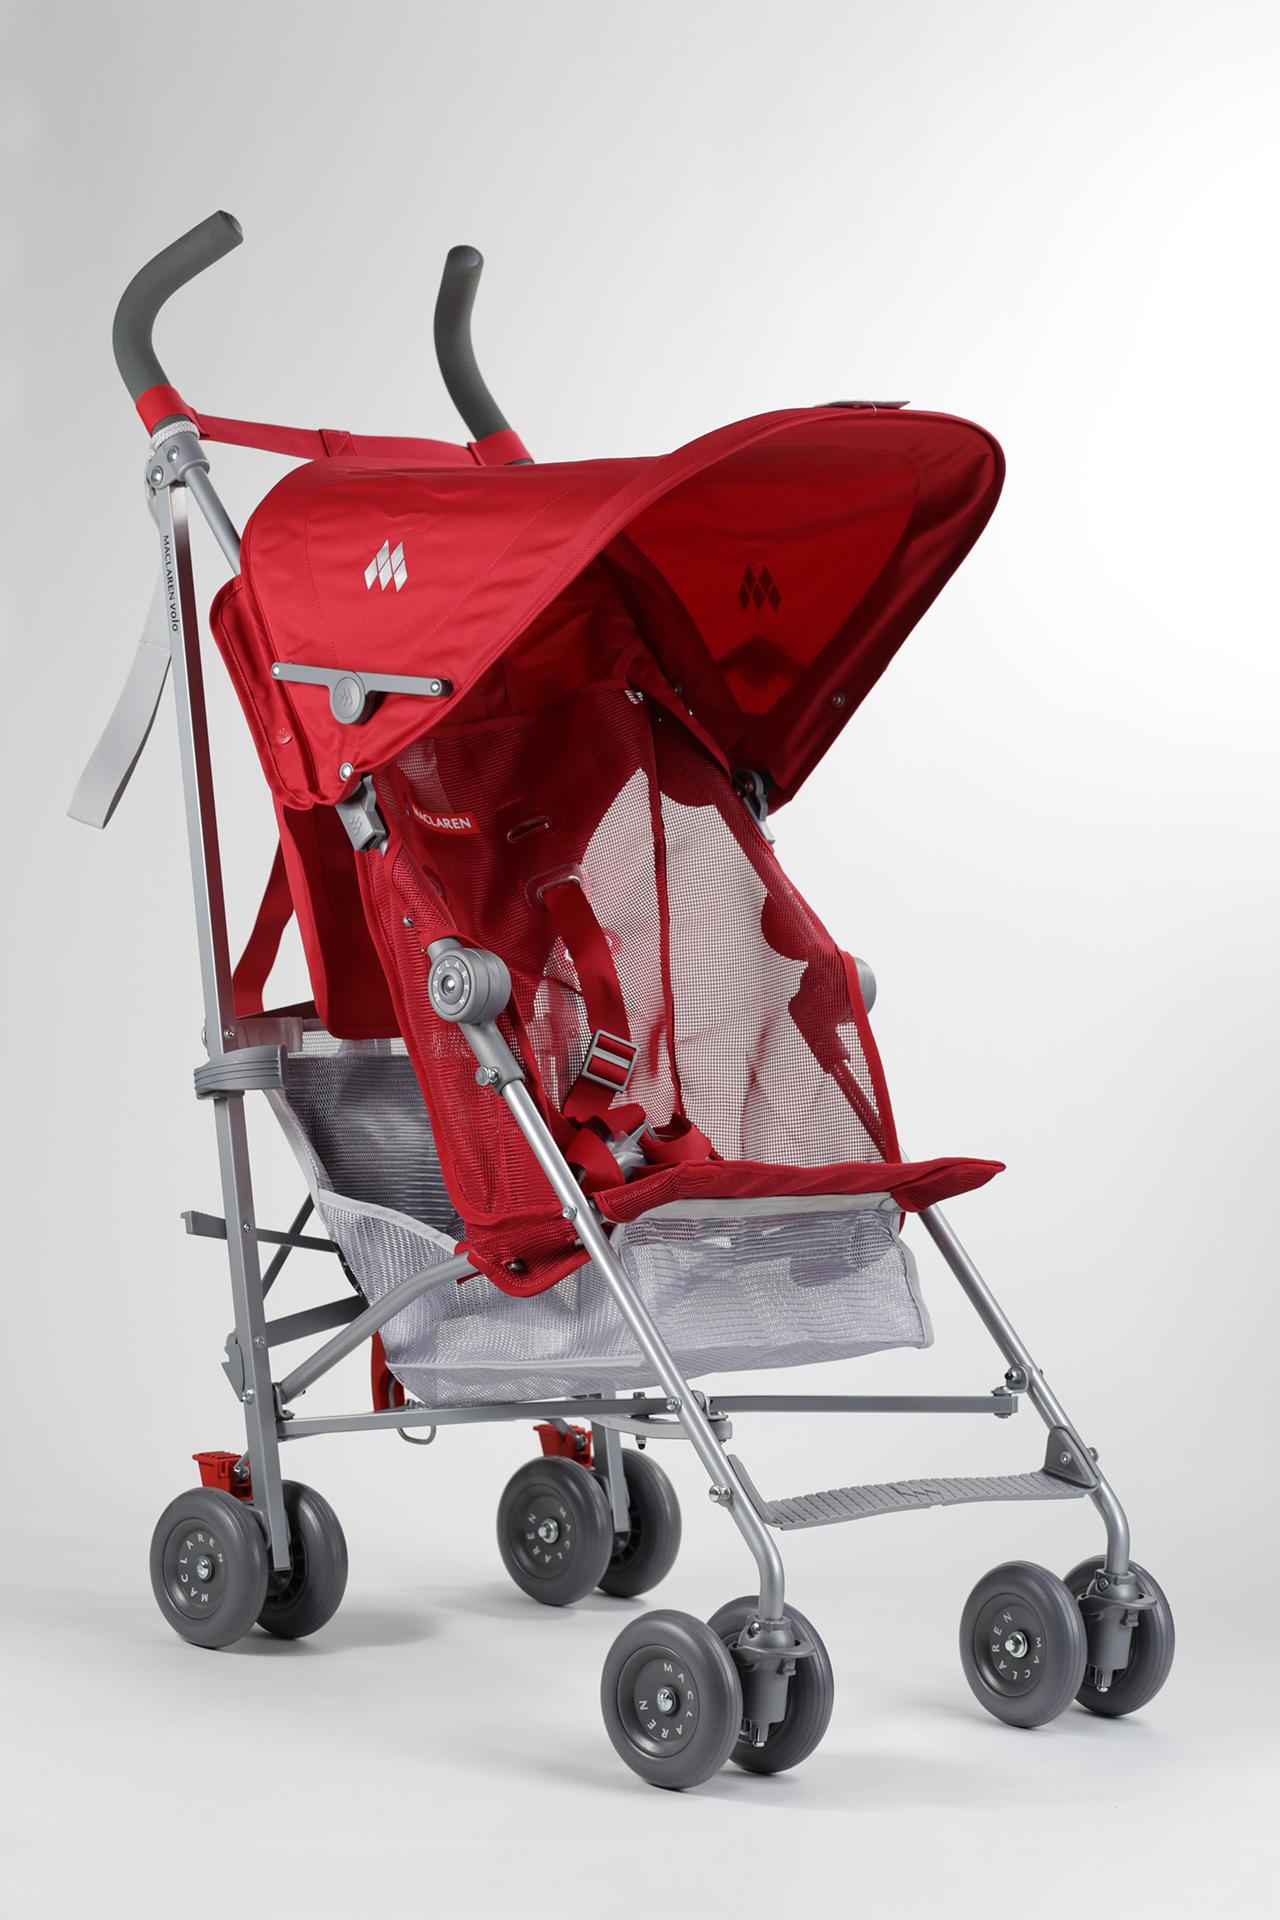 Silla de paseo volo maclaren 2015 scarlet comprar en kidsroom cochecitos - Silla de paseo zippy ...